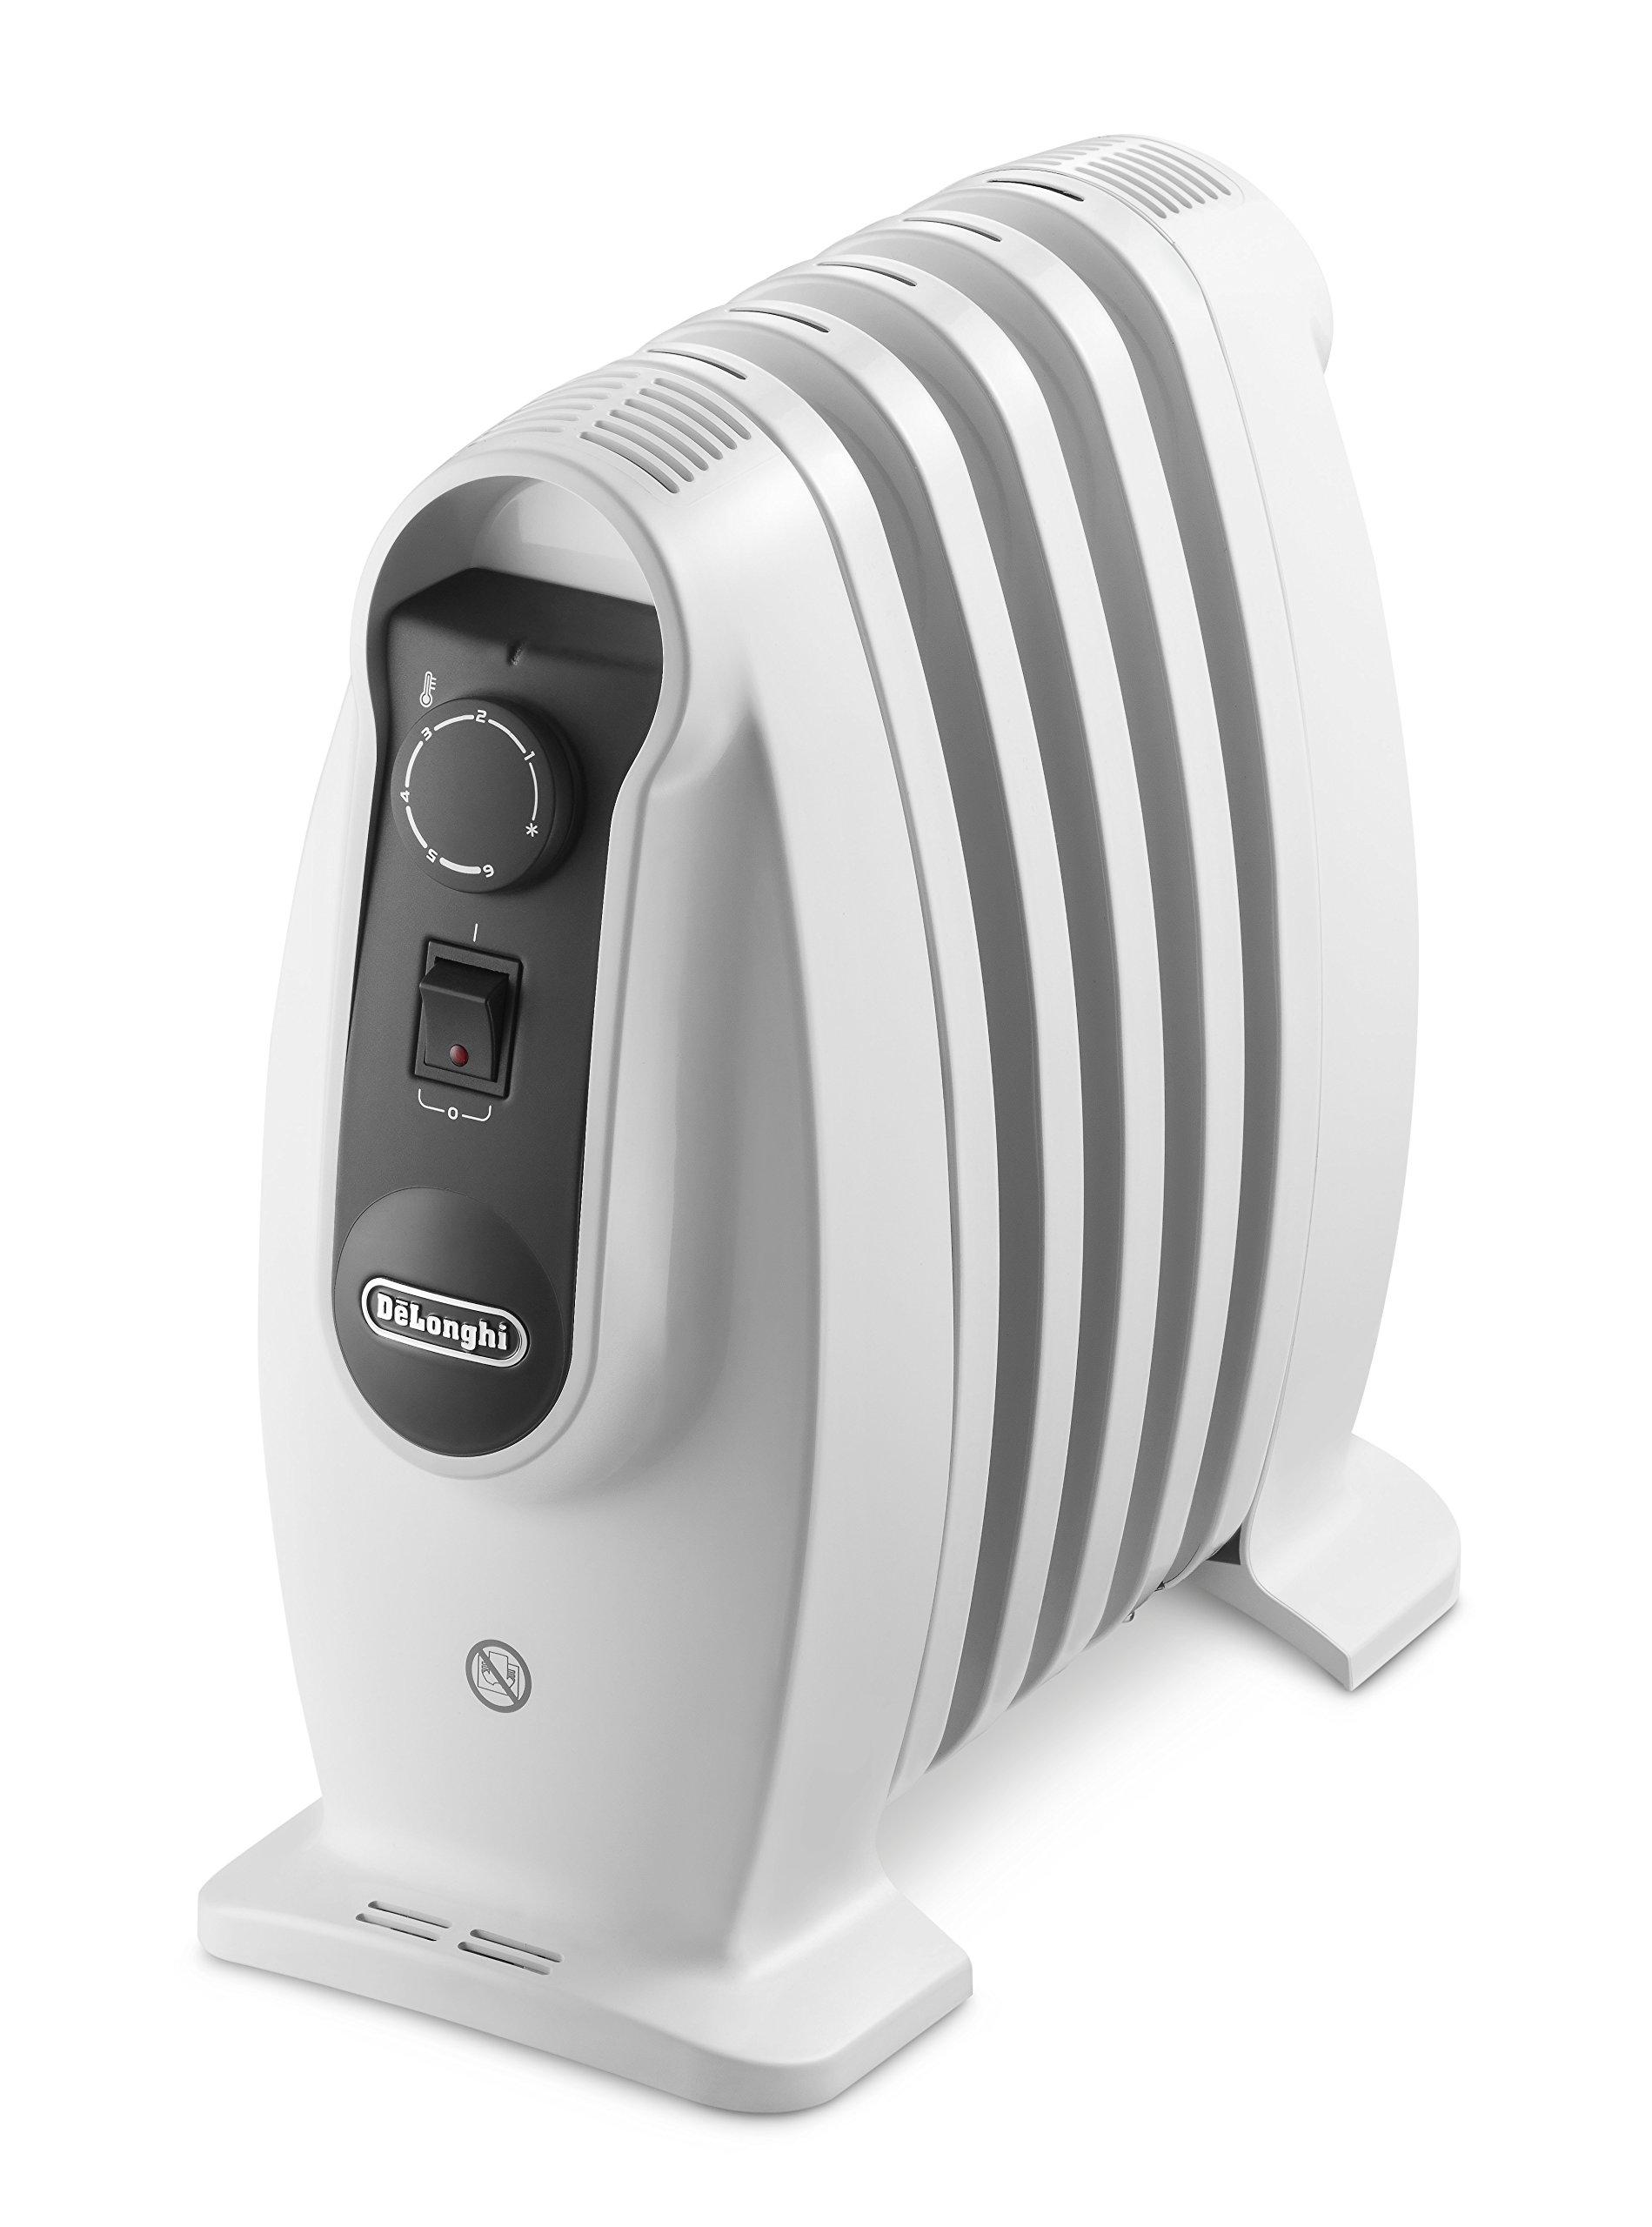 Delonghi TRNS 0505M - Radiador de aceite, 500 w, termostato seguridad, ajustes termostato